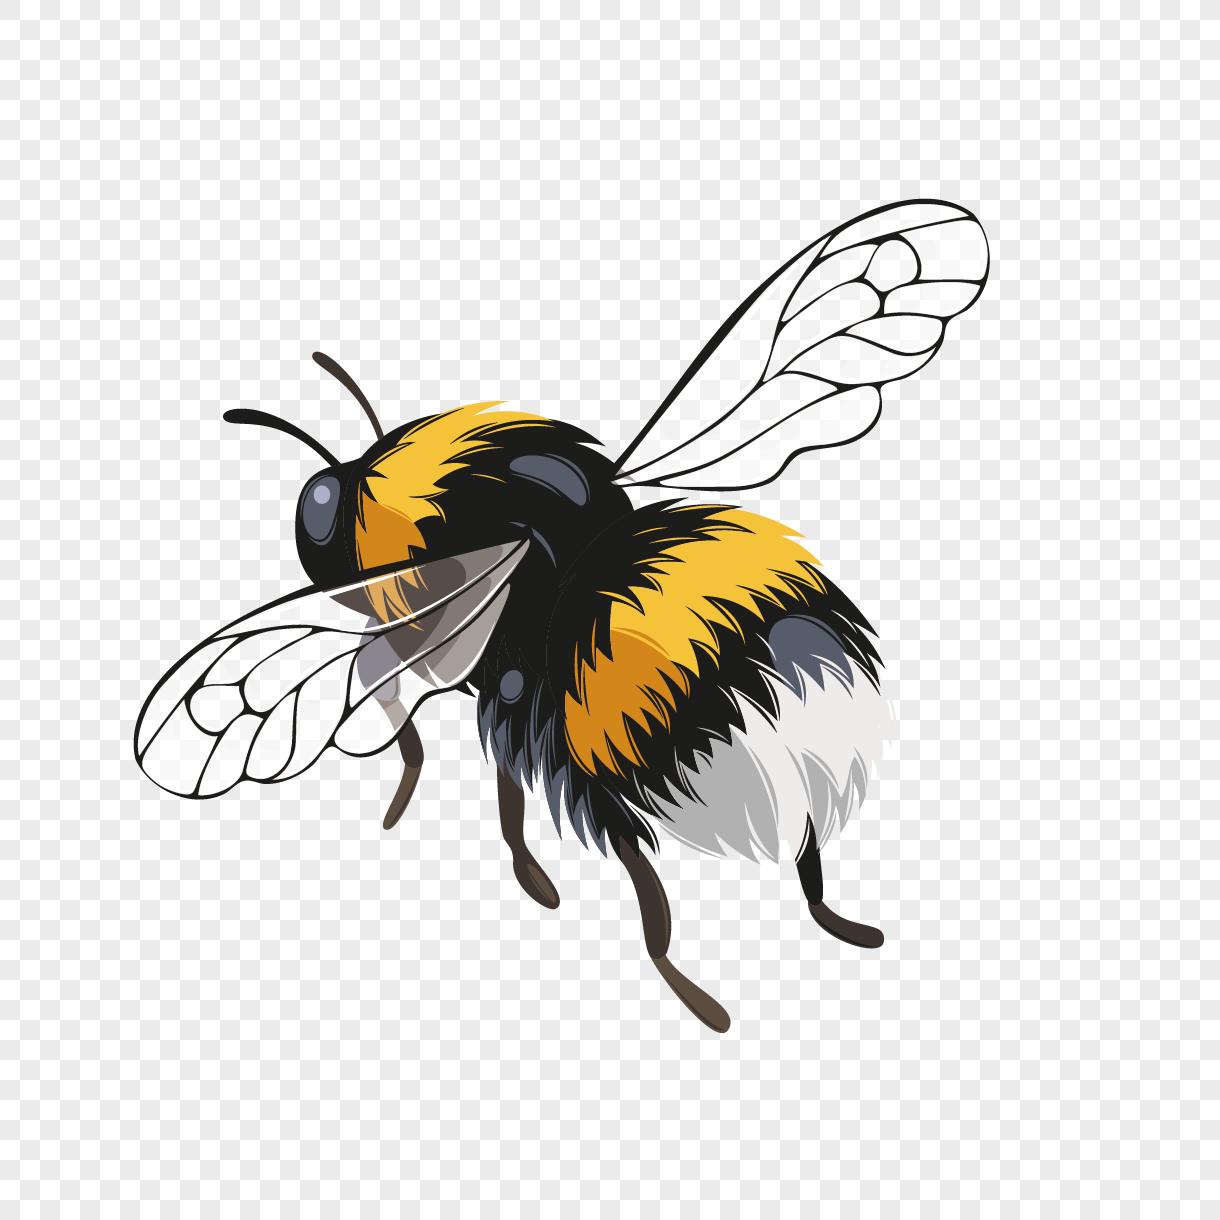 Png Percuma Imej Kartun Lebah Lucu Wwwtollebildcom